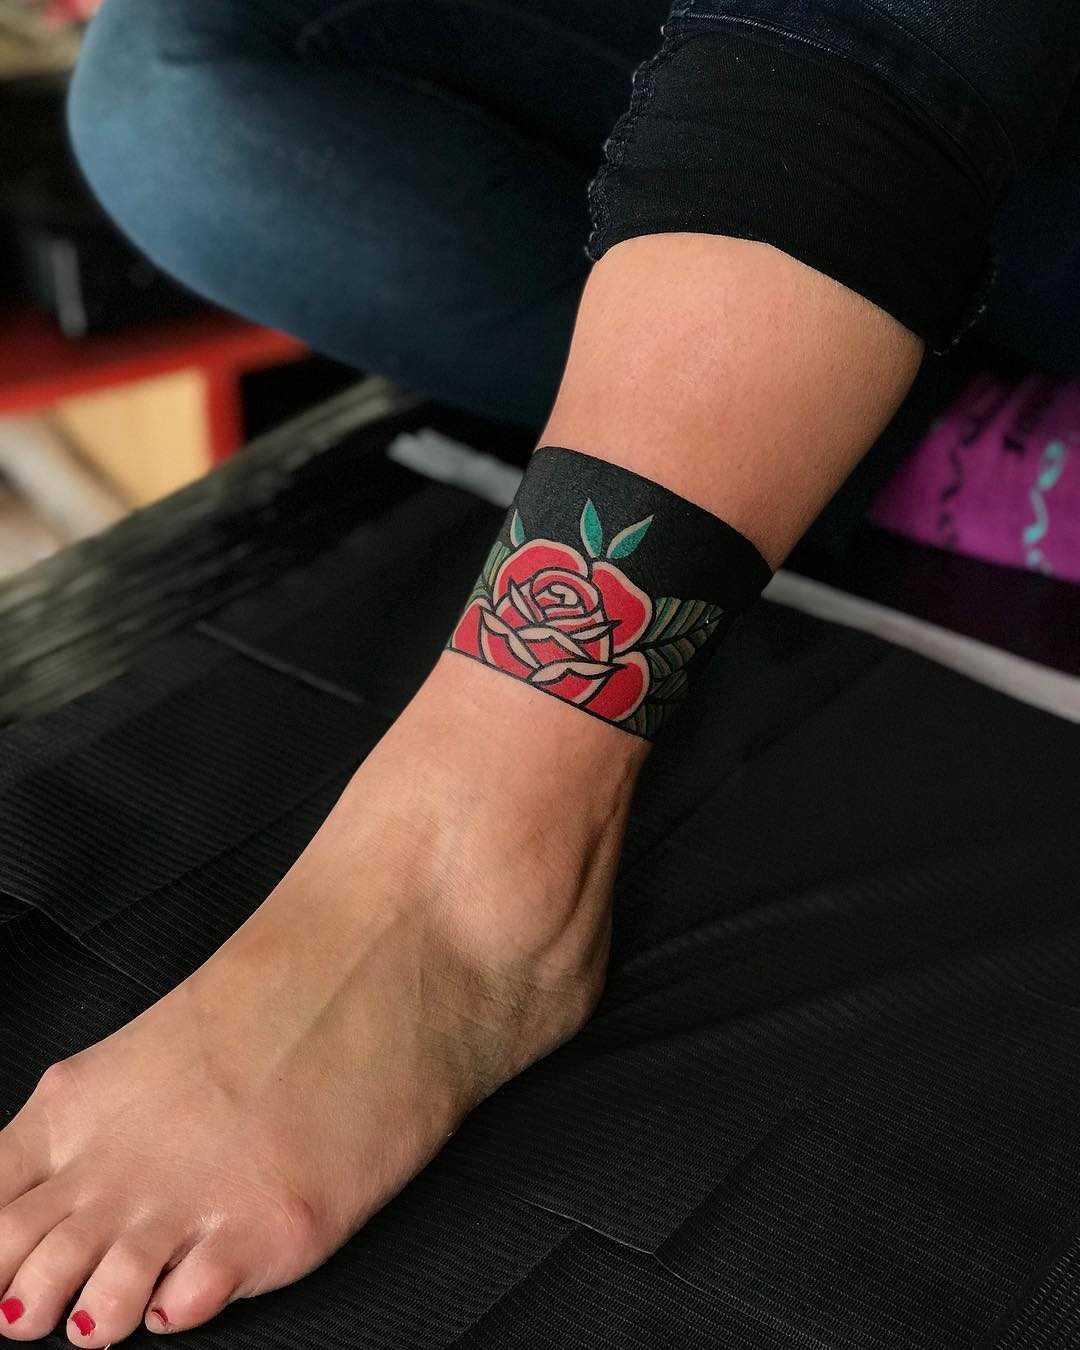 Rose anklet by tattooist Alejo GMZ